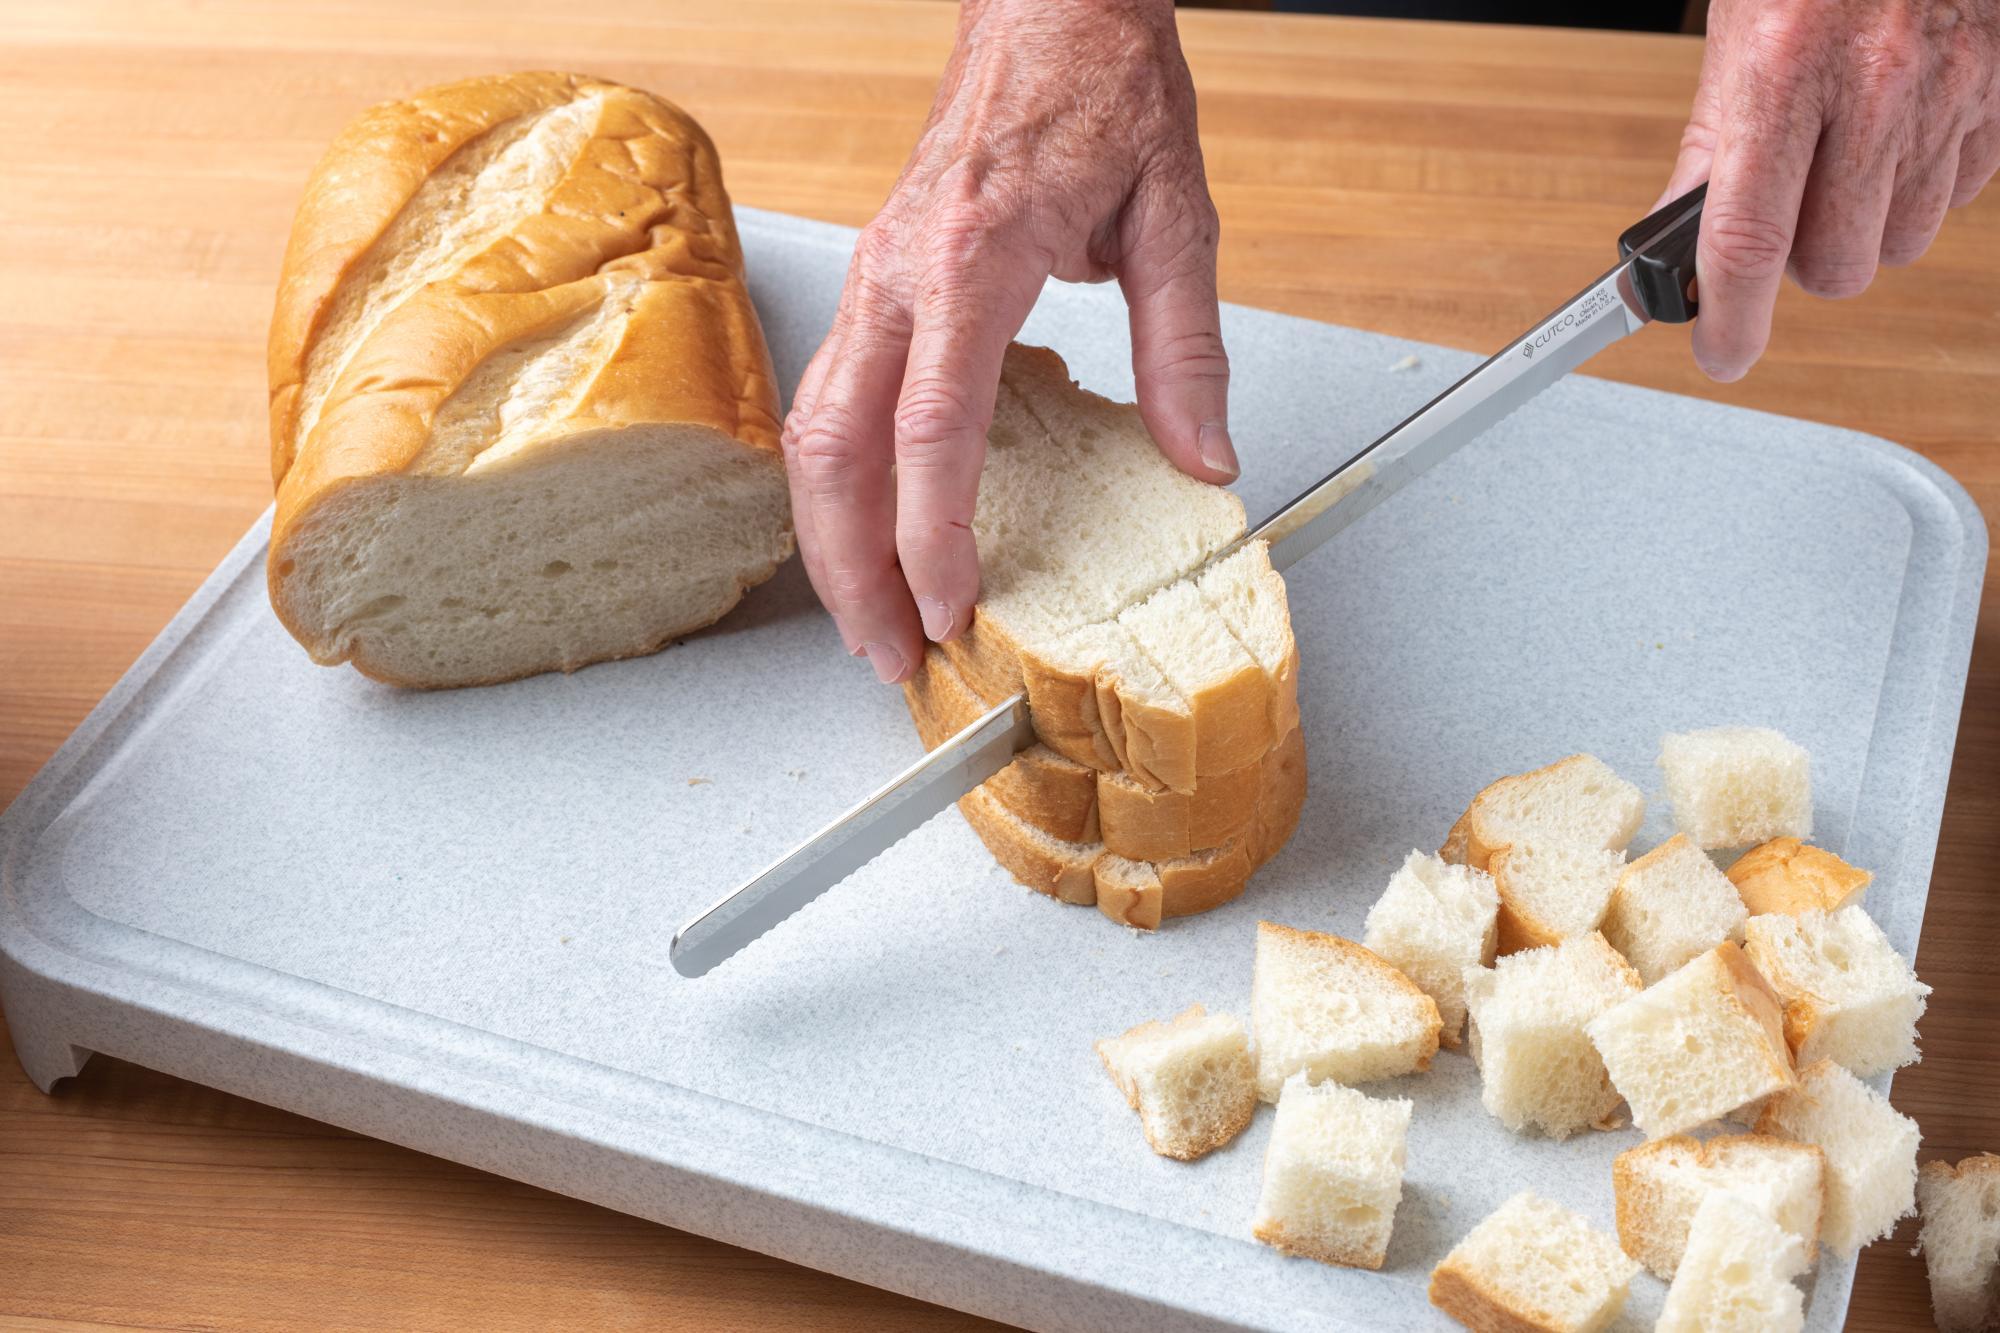 Dicing the bread.